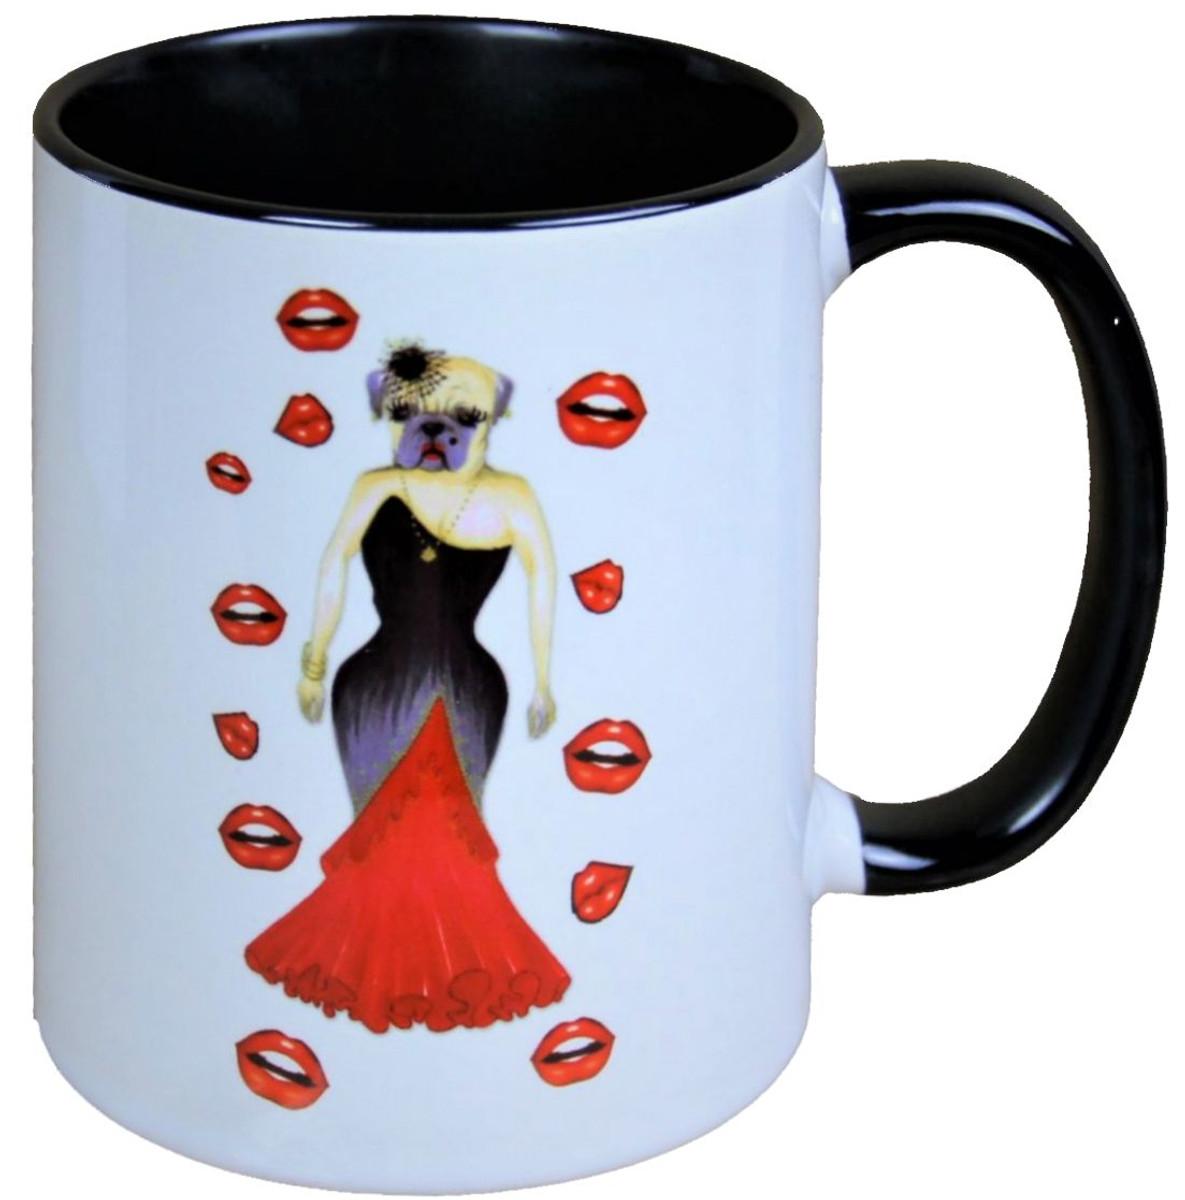 harald gl ckler pomp s tasse hund mit rot schwarzem abendkleid designed by harald gl ckler. Black Bedroom Furniture Sets. Home Design Ideas